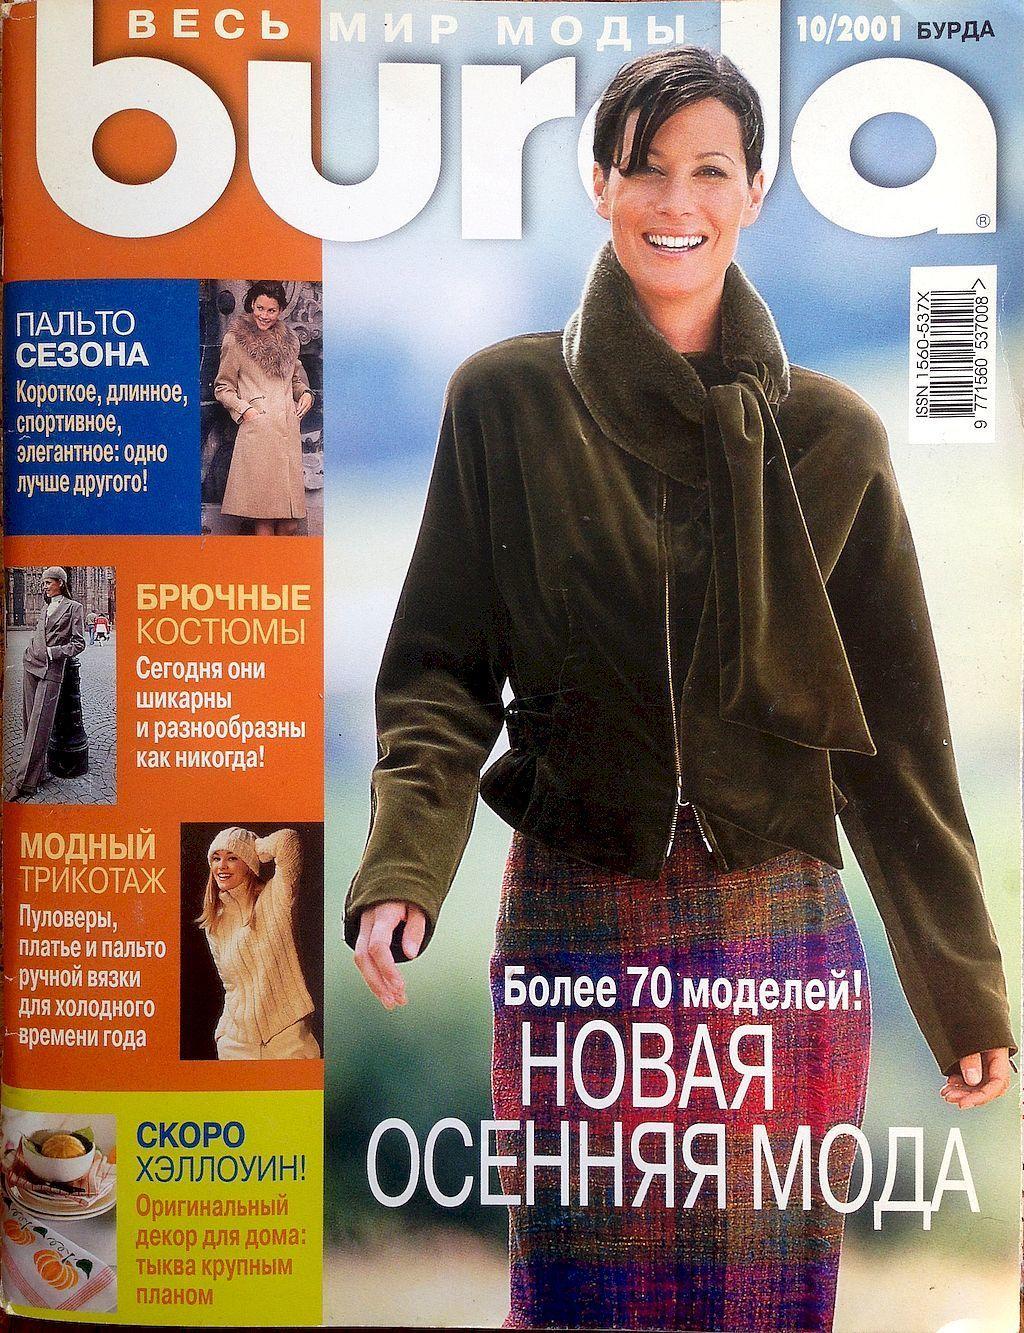 Журнал Burda Moden № 10/2001, Выкройки для шитья, Москва,  Фото №1